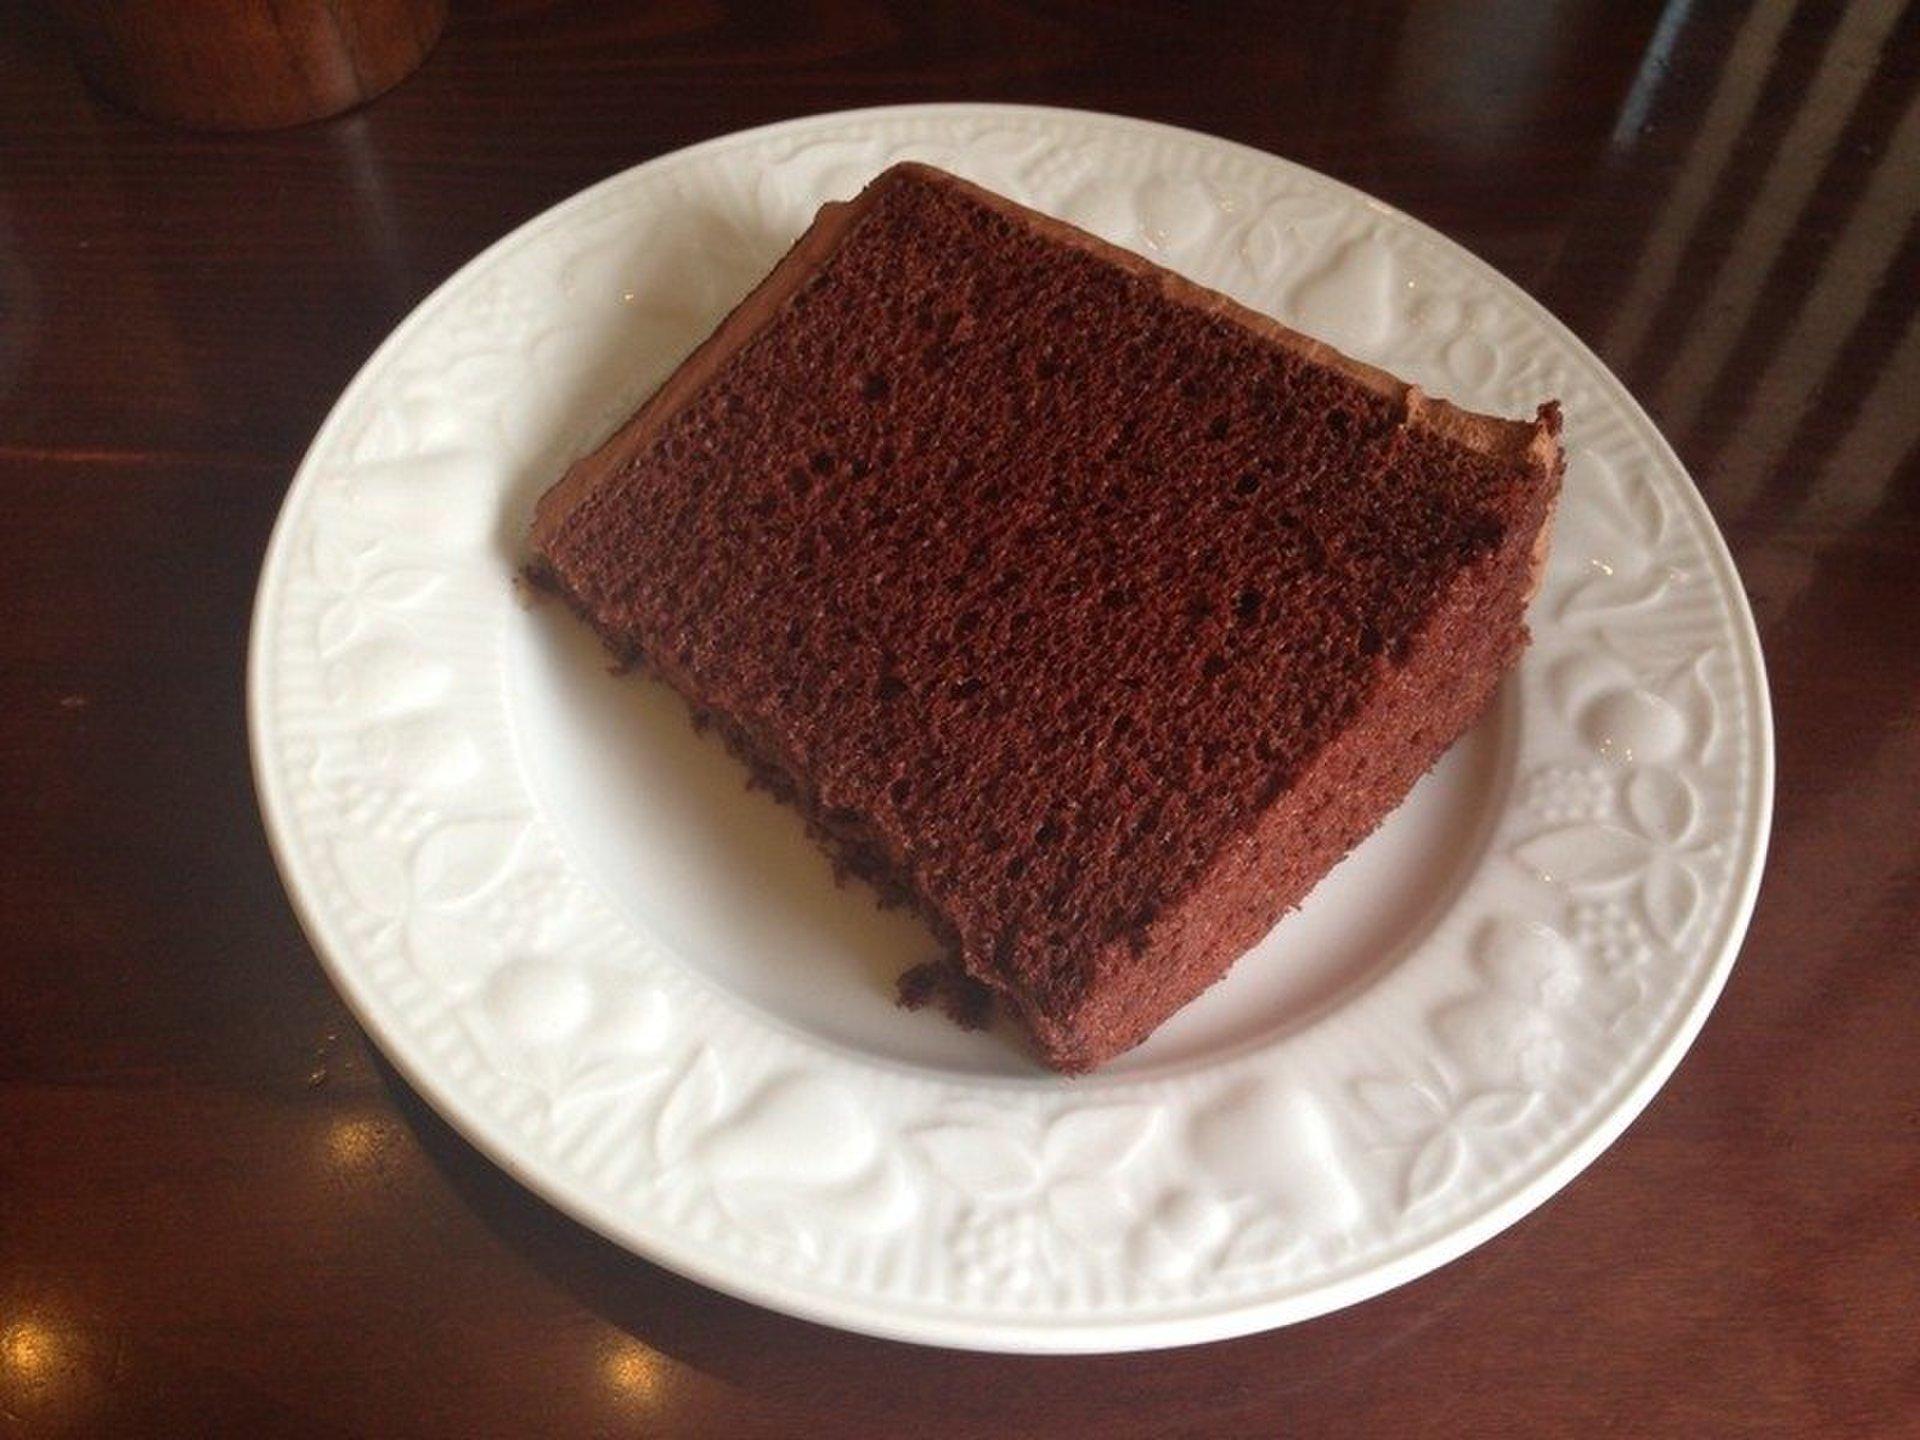 美味しいケーキが食べられてゆったりデートで活用できる渋谷・原宿周辺のカフェ3選!